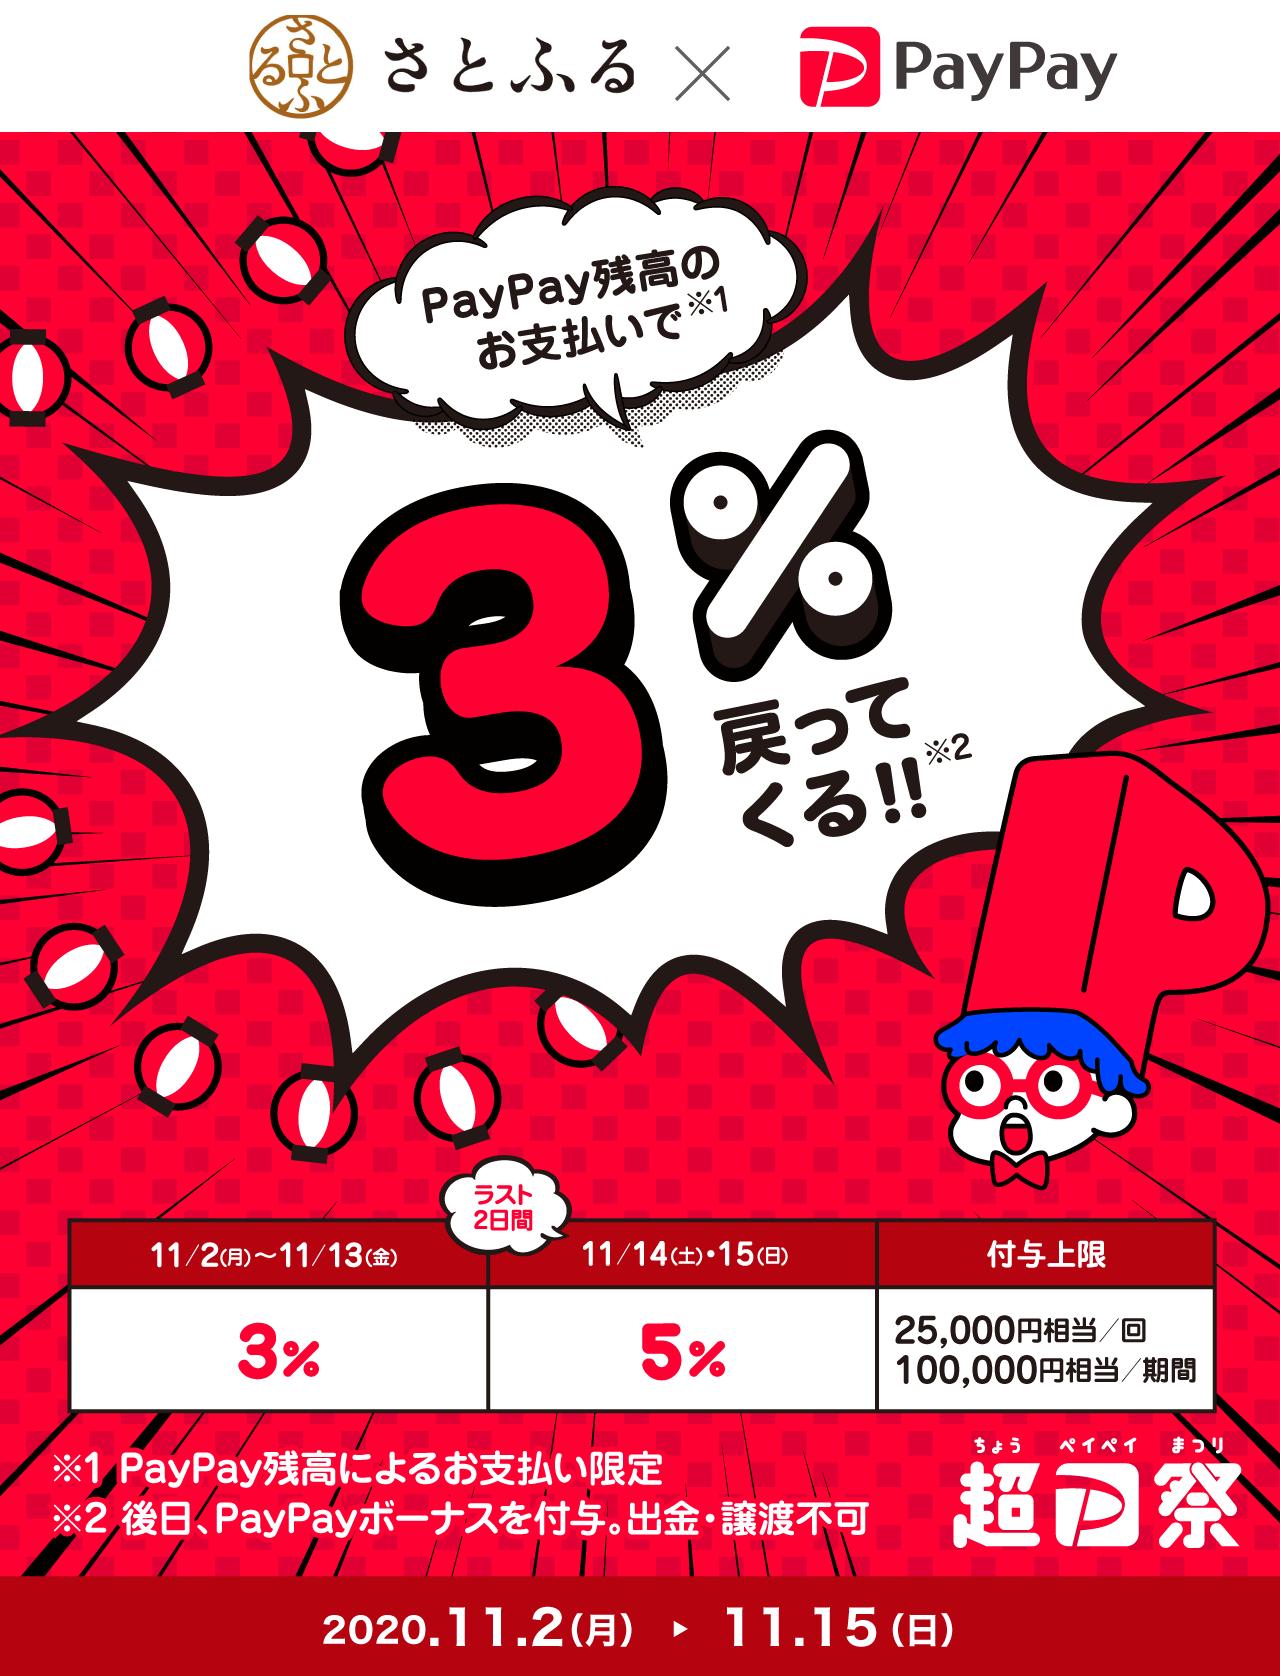 さとふる×PayPayキャンペーン!3%、5%ボーナス還元【超ペイペイ祭】